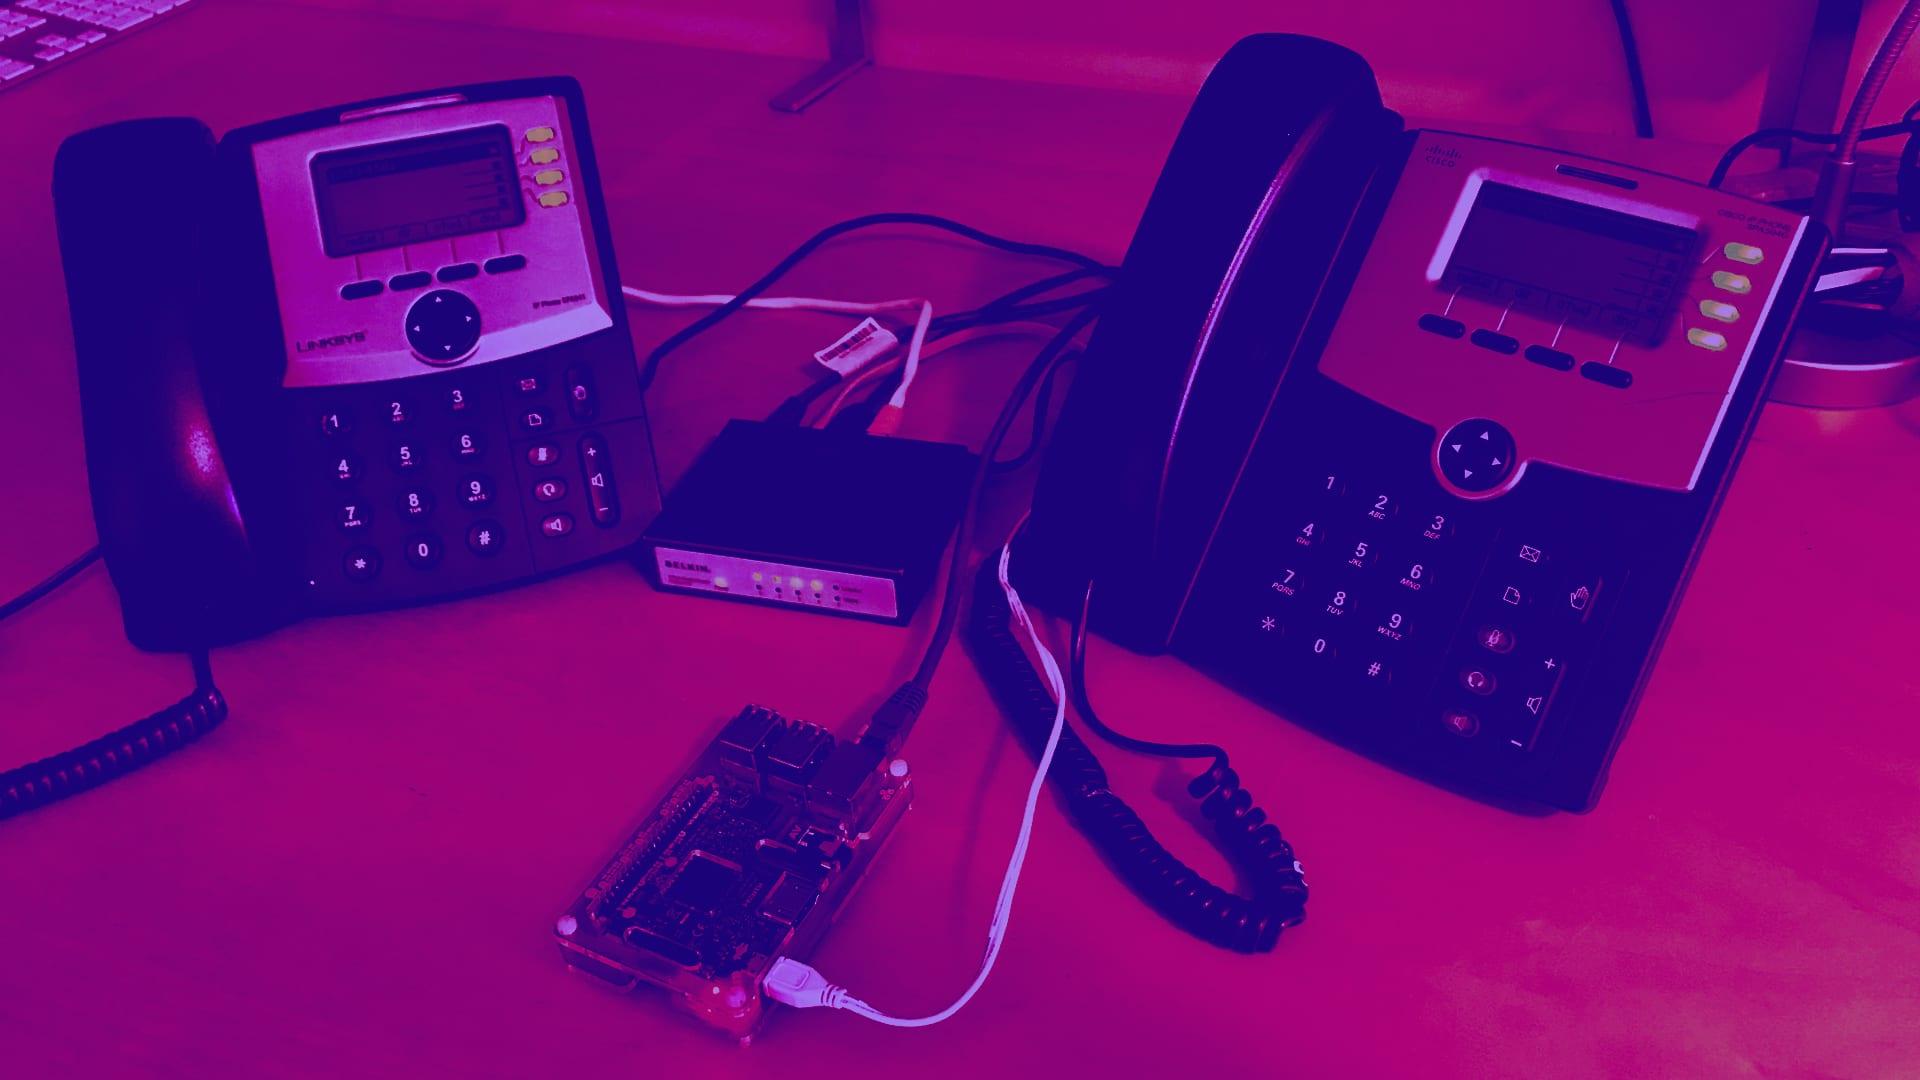 Как установить и настроить IP-АТС FreePBX на мини-компьютере Raspberry Pi